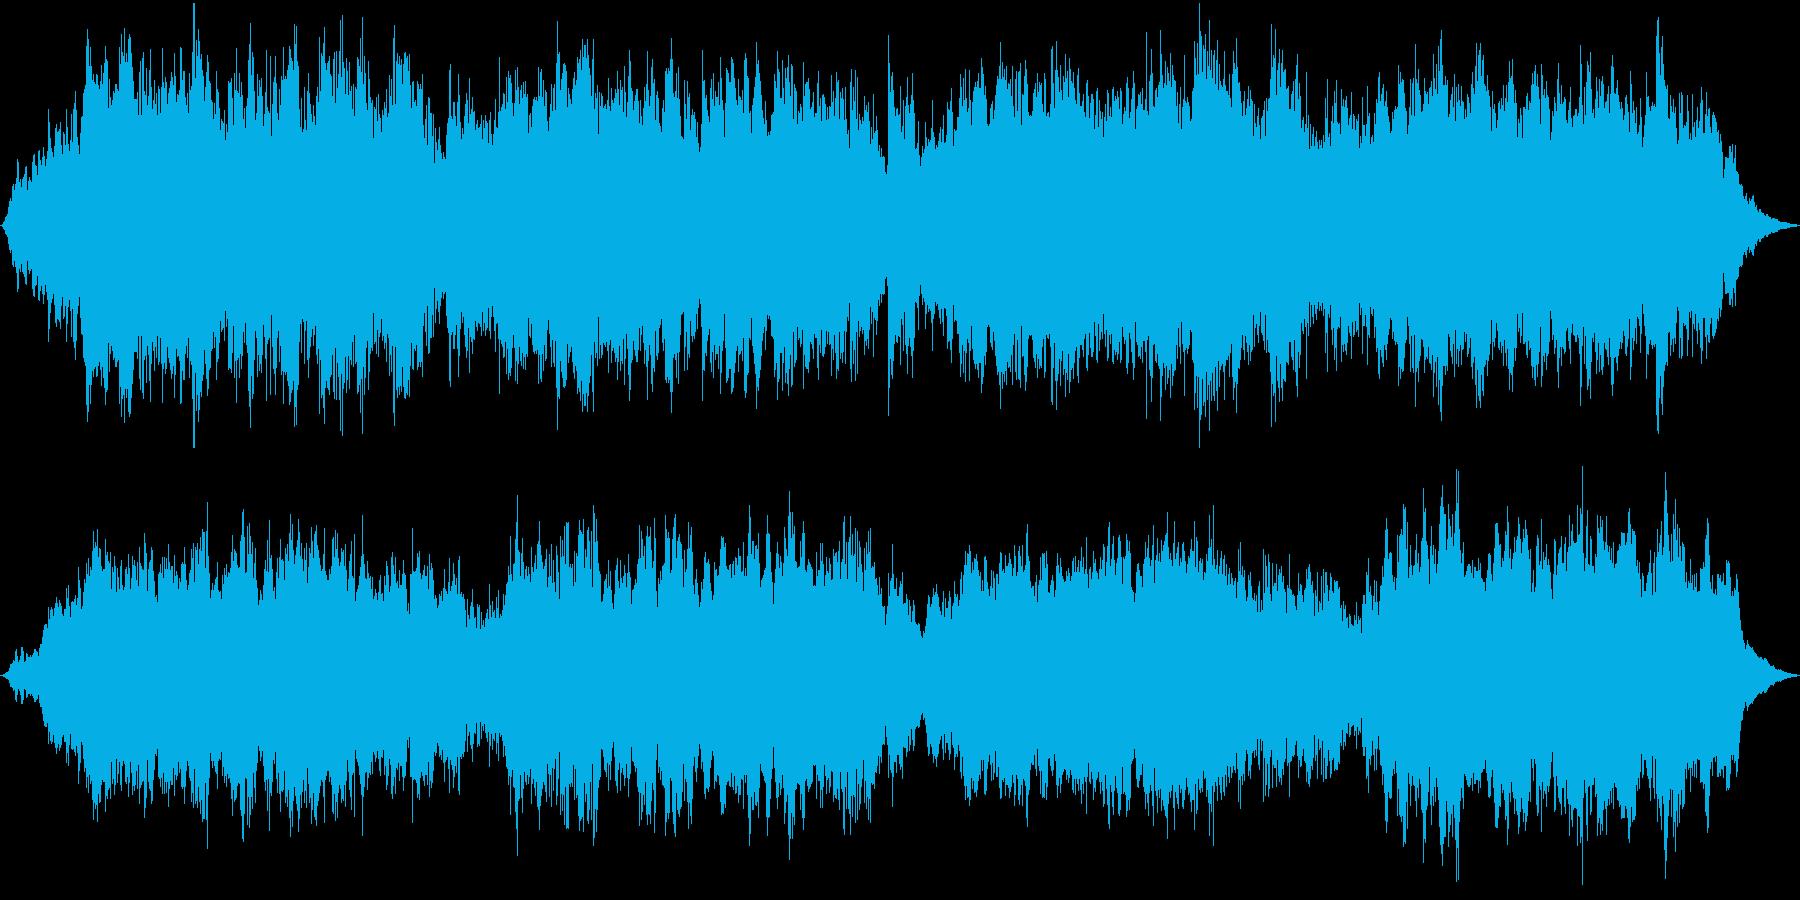 浜辺の歌・弦とハープの郷愁あふれる編曲の再生済みの波形